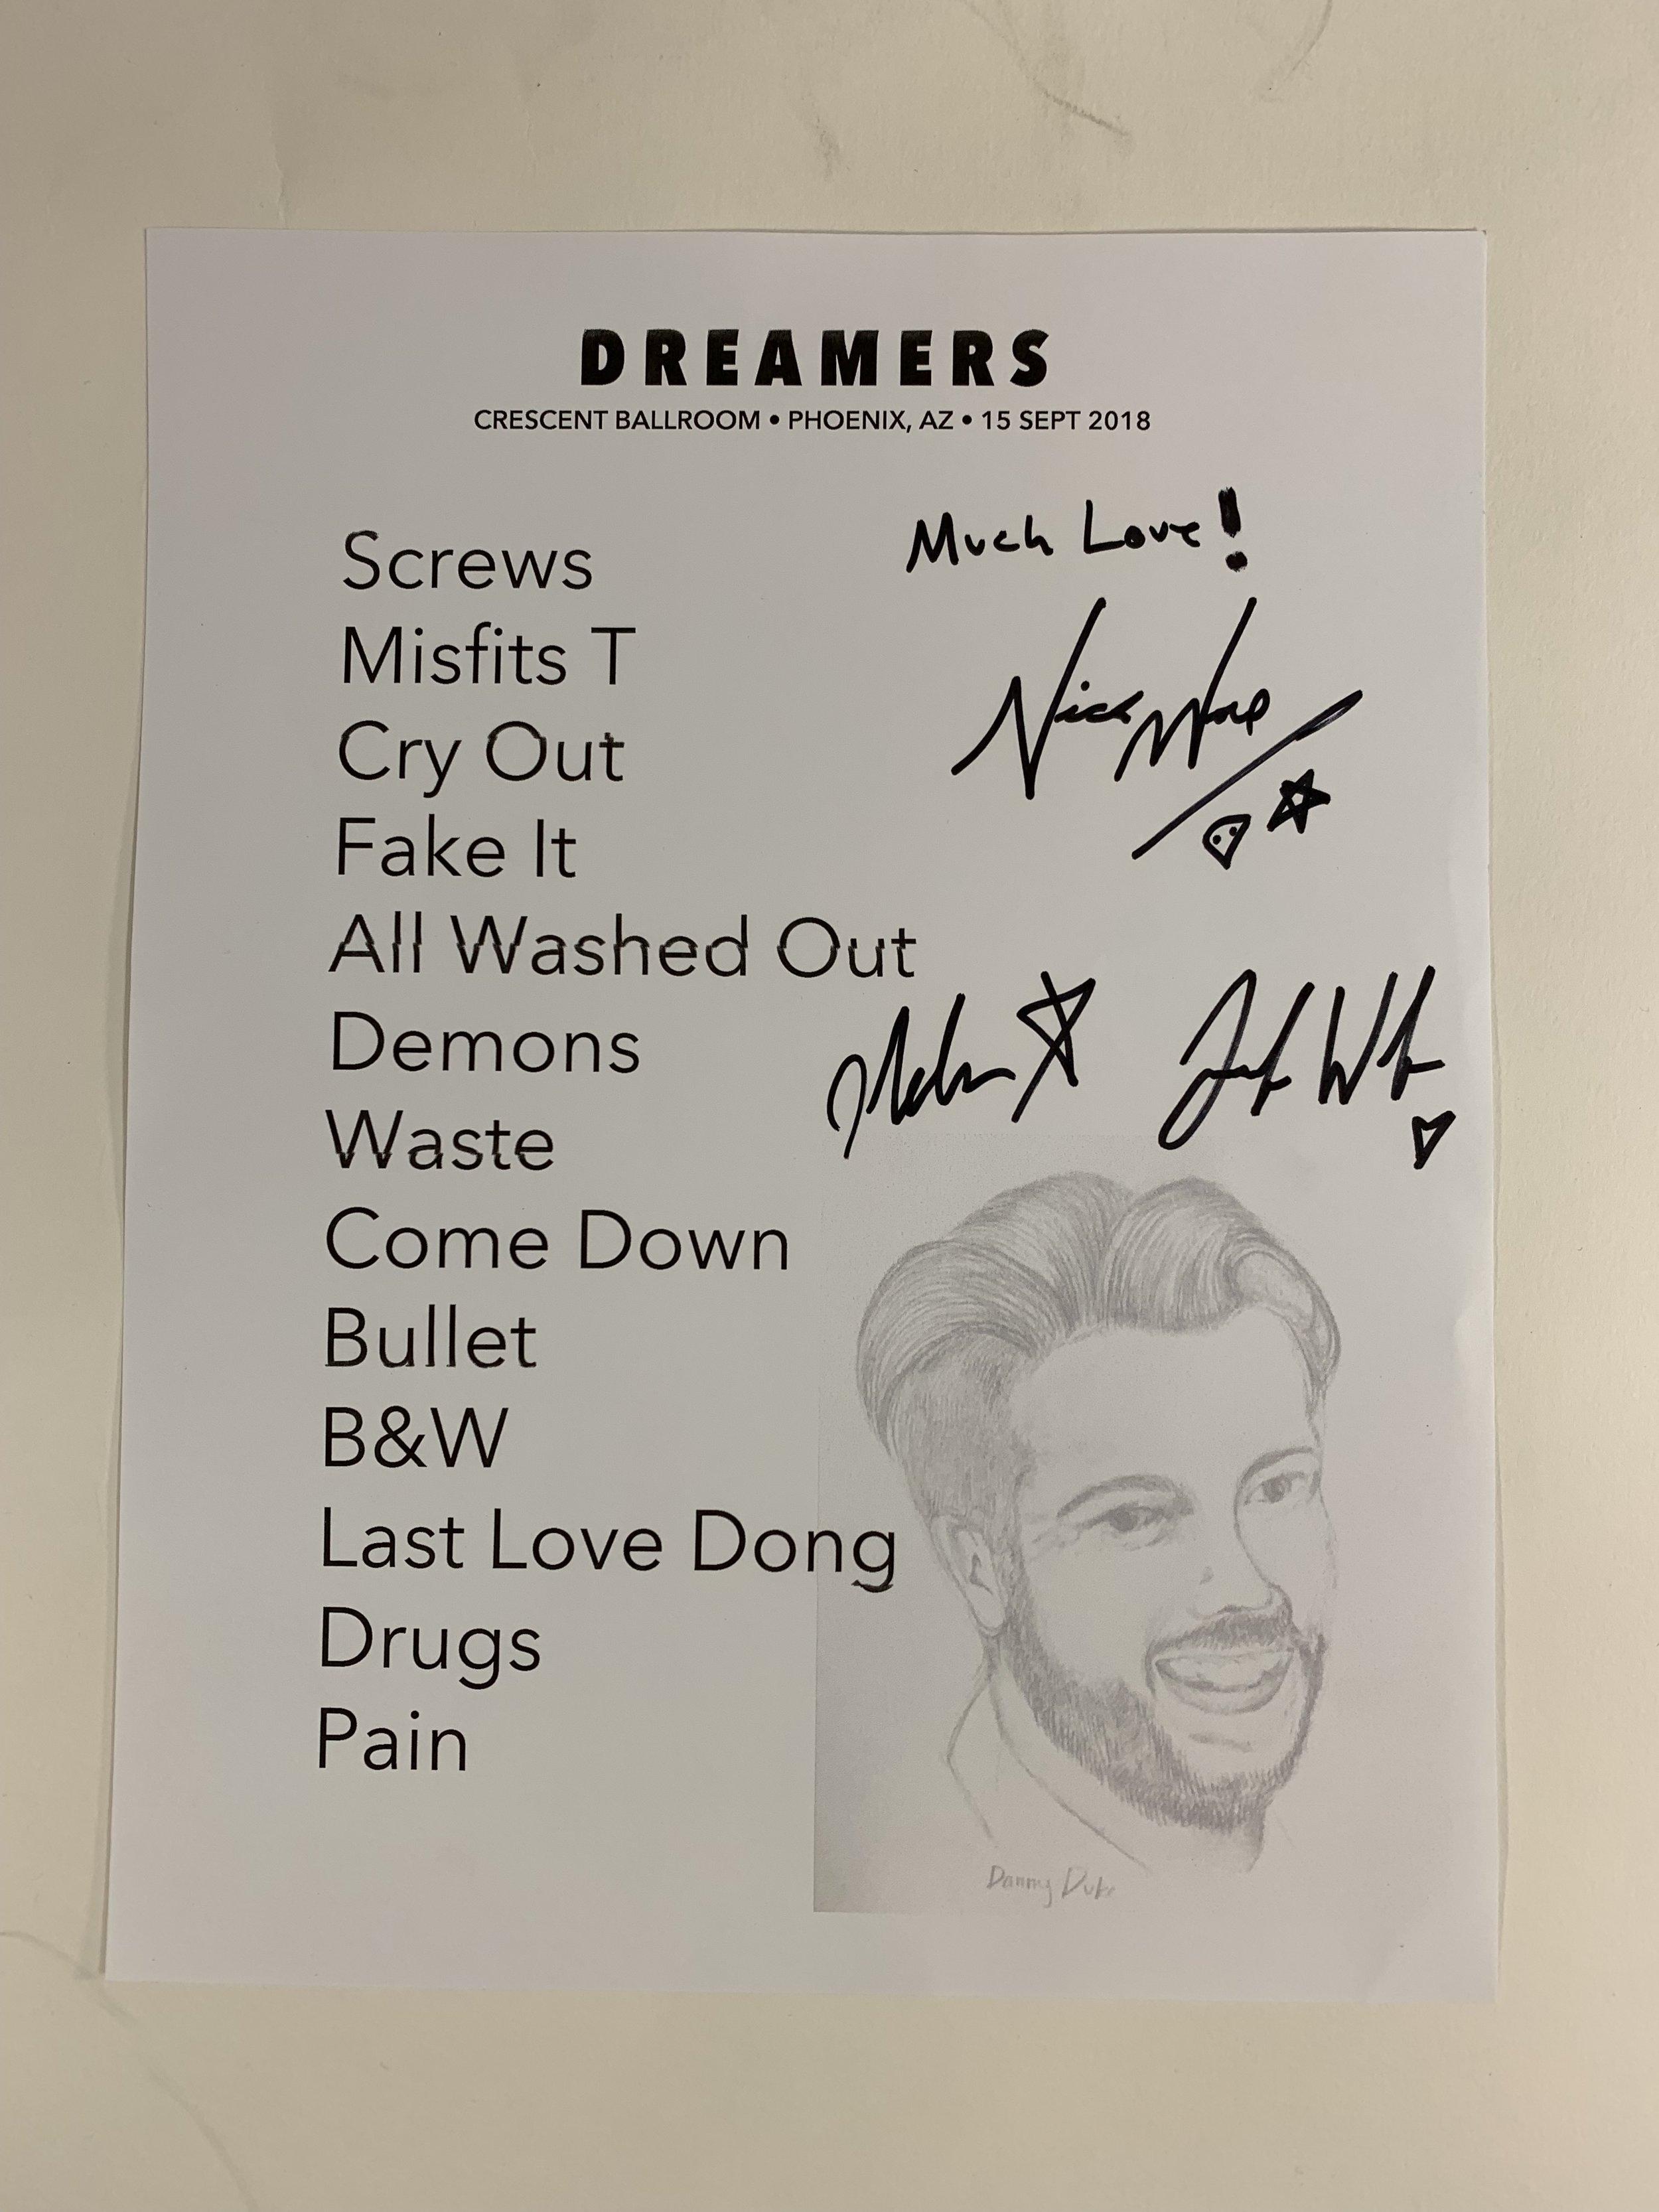 Dreamers | Phoenix, AZ | 9/15/18